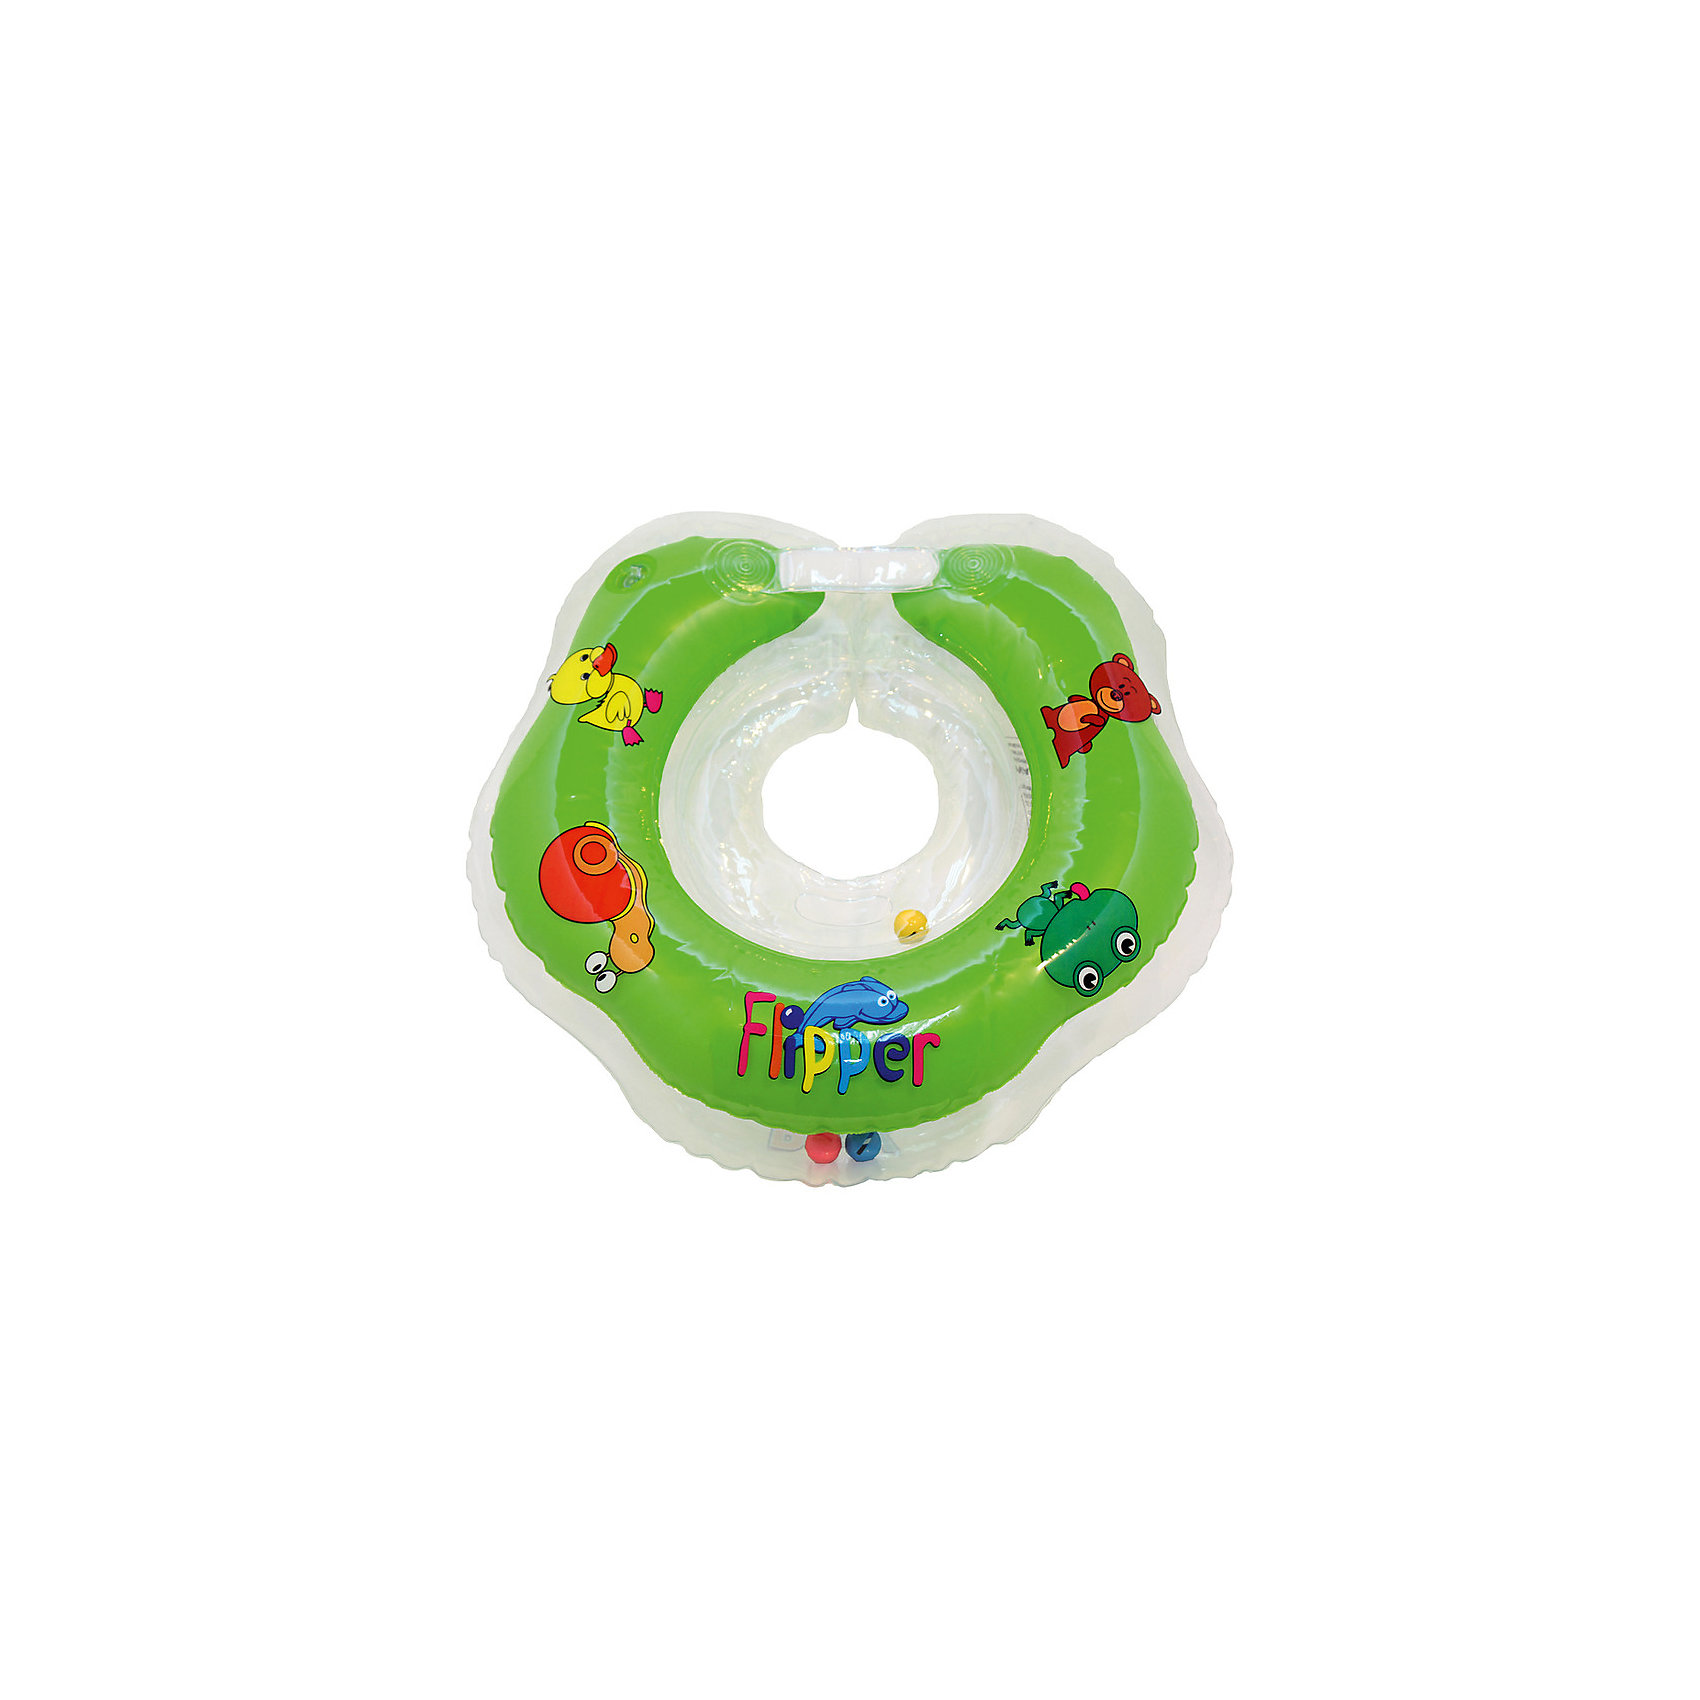 Roxy-Kids Круг на шею Flipper FL001 для купания малышей 0+, Roxy-Kids, roxy kids козырек защитный для мытья головы rbc 492 g зеленый от 6 месяцев до 3 лет